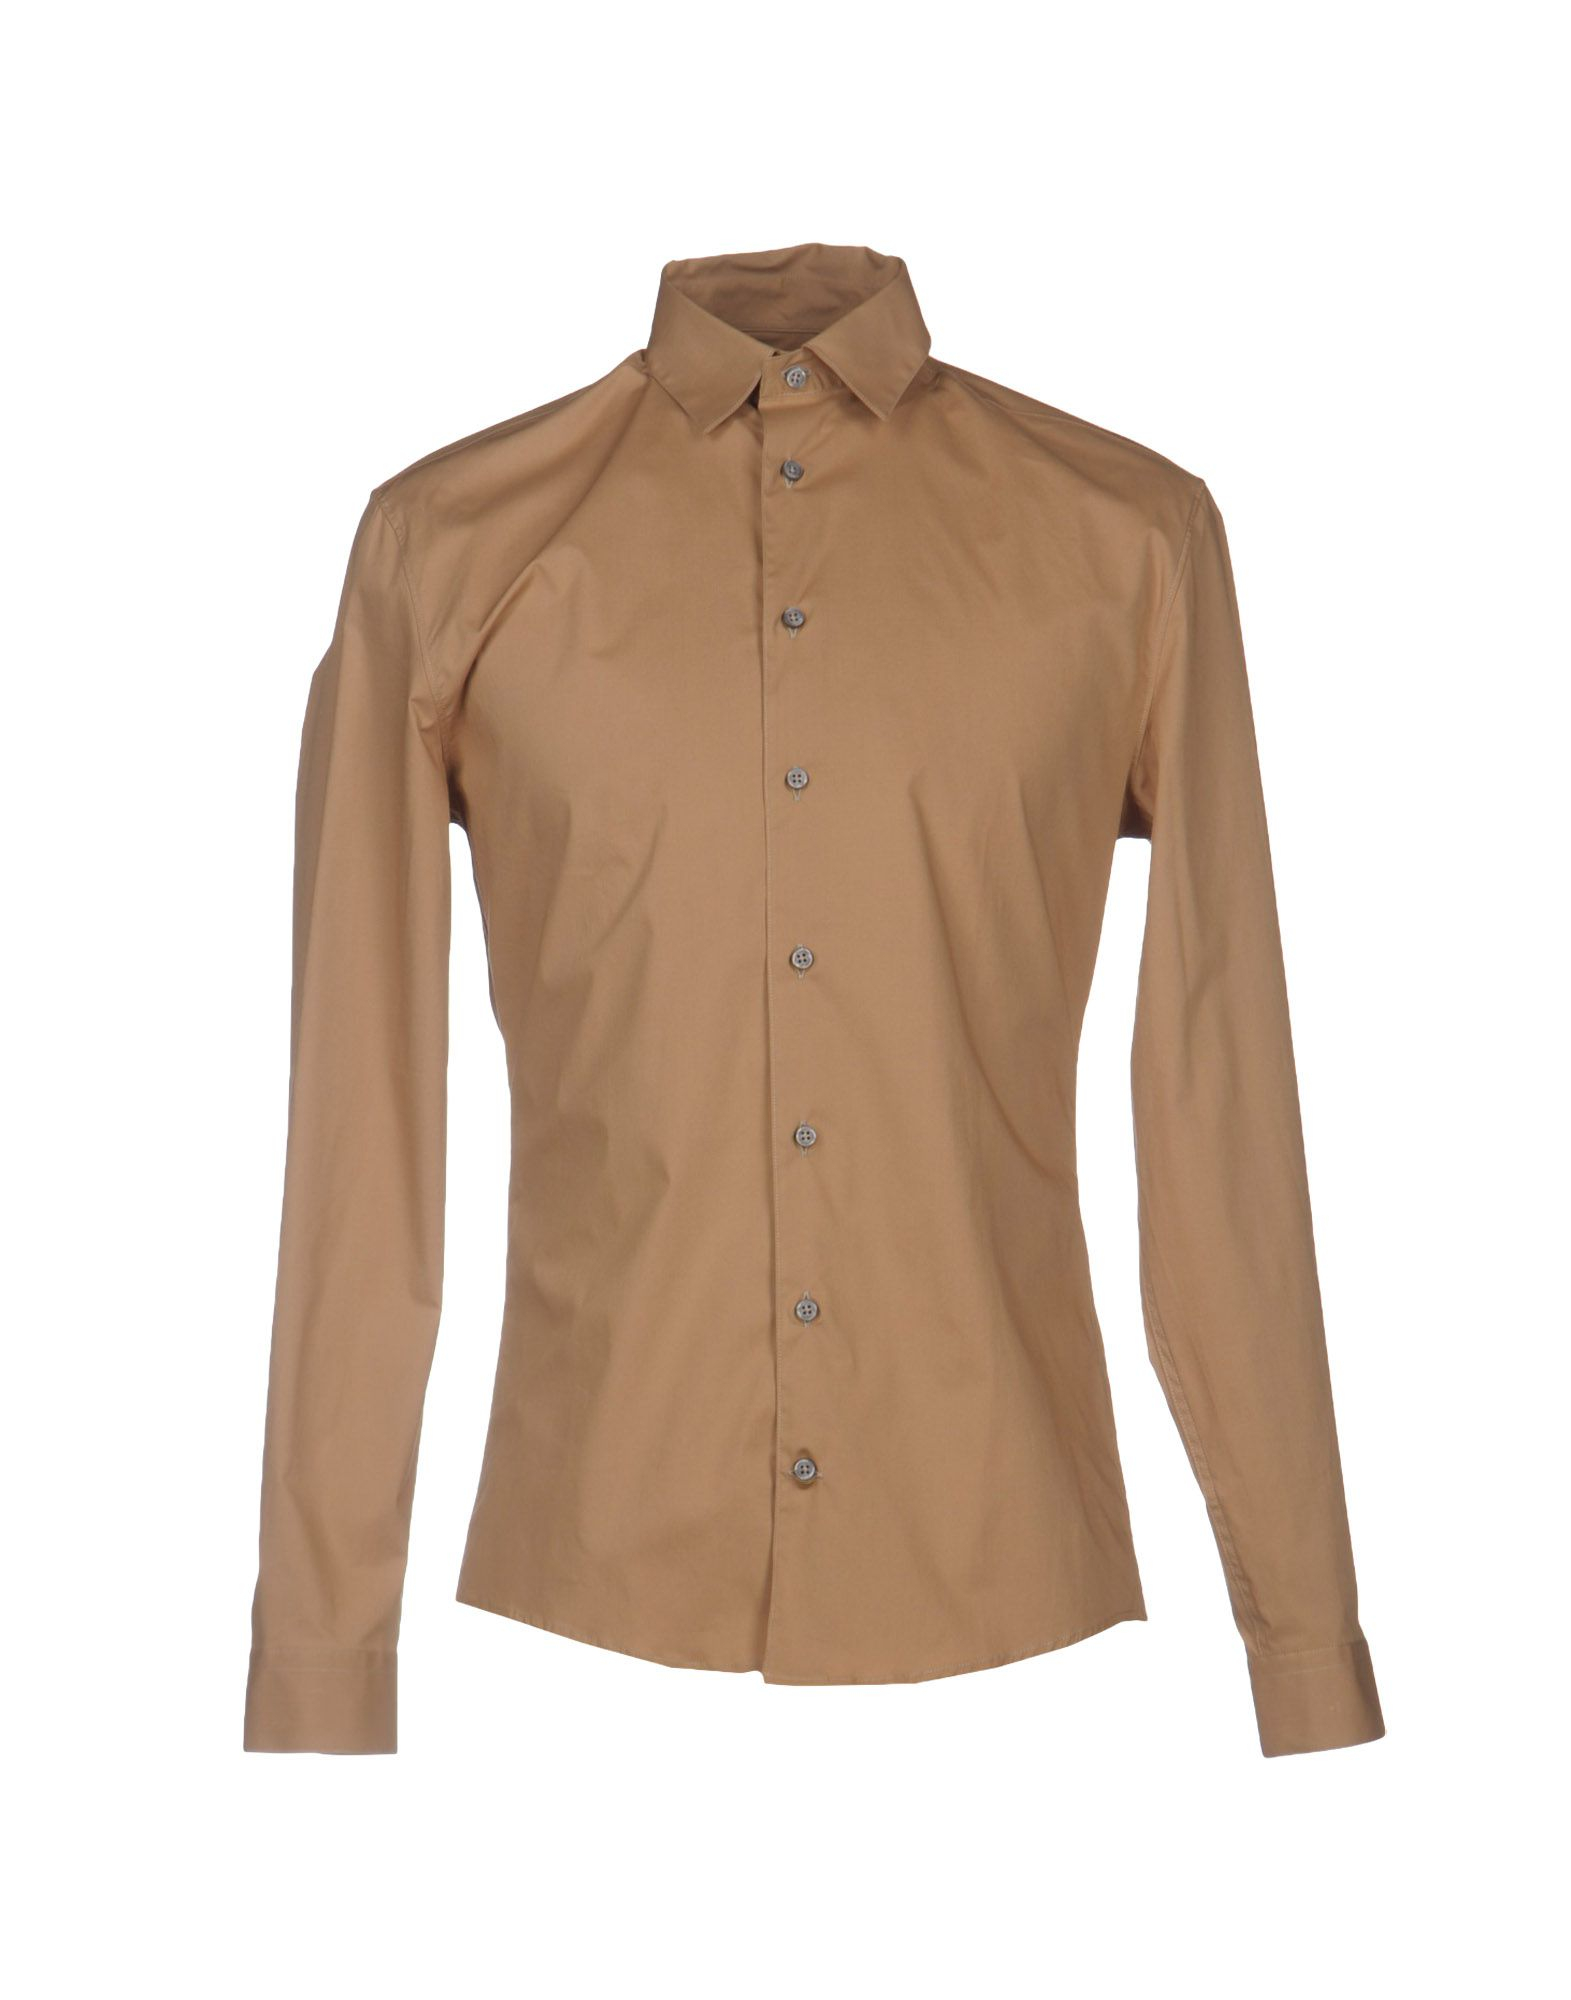 drykorn shirt in beige for men sand save 25 lyst. Black Bedroom Furniture Sets. Home Design Ideas